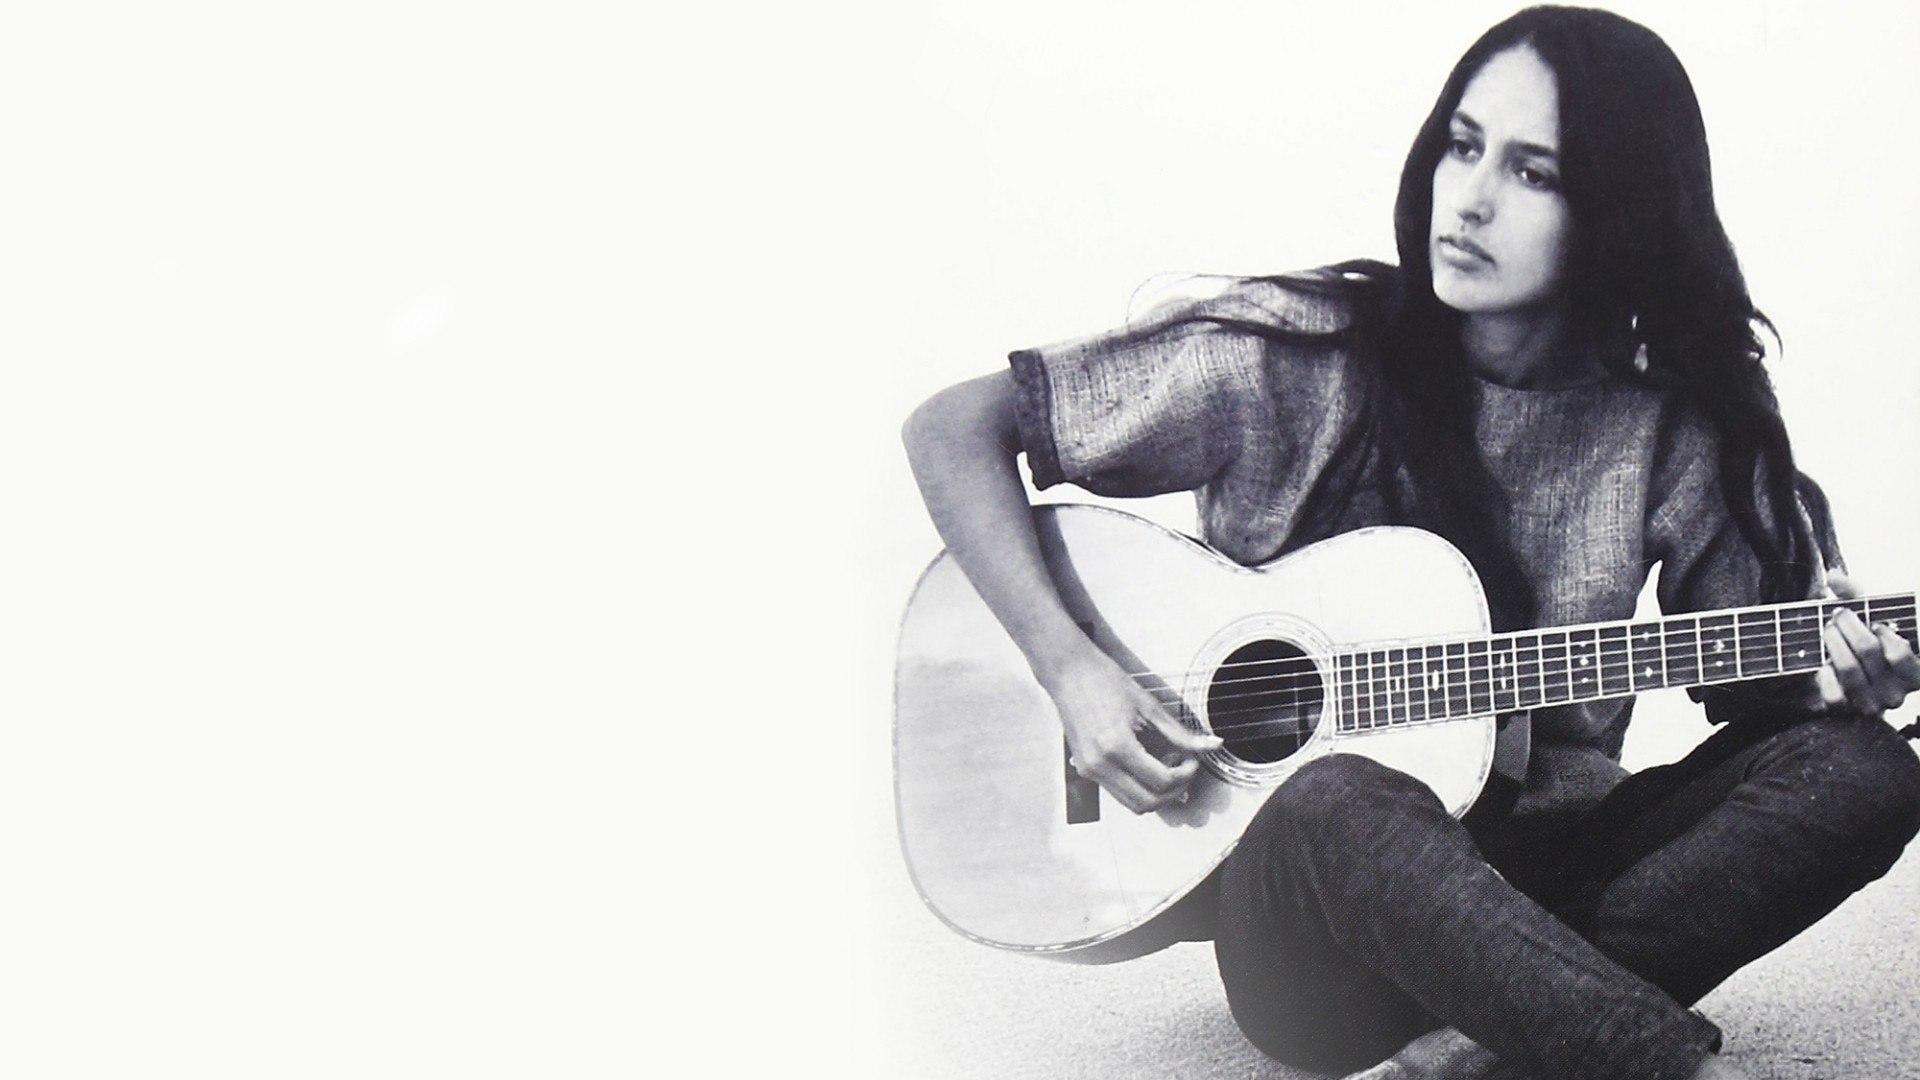 Sky Arte HD Joan Baez - American Folk Singer